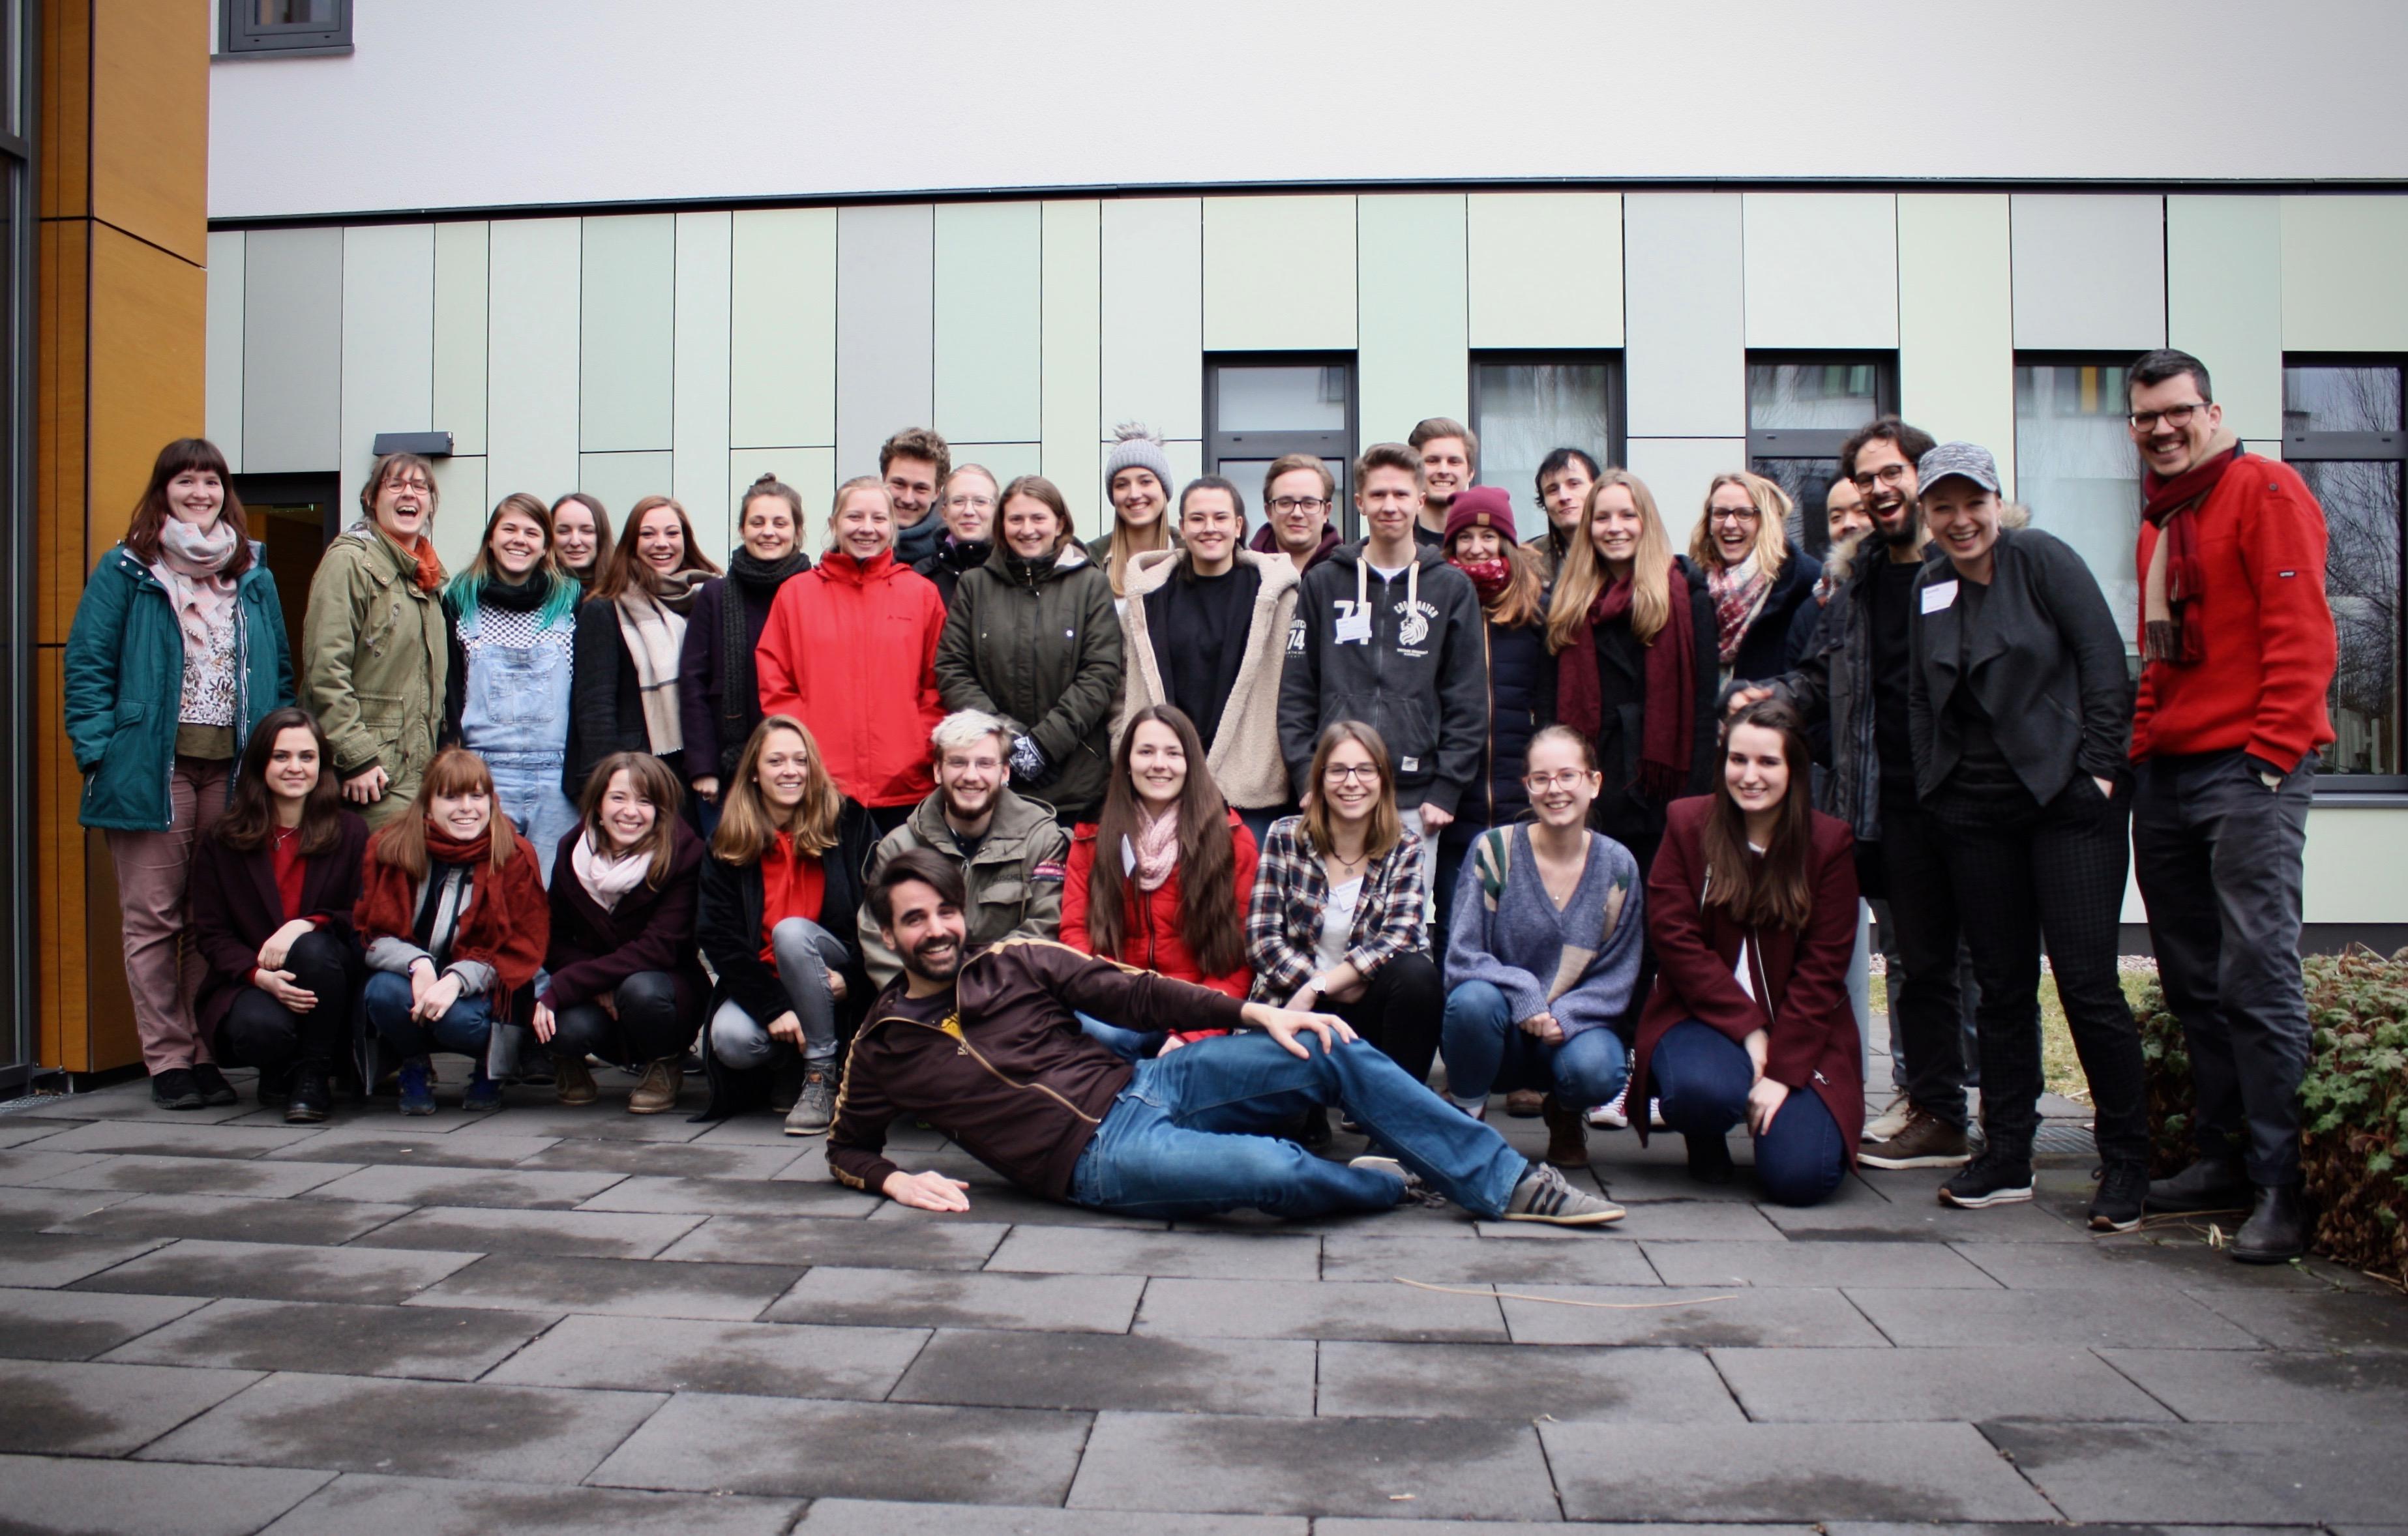 Von Interaktivität zu Interkonnektivität – Abschluss der Springschool 2018